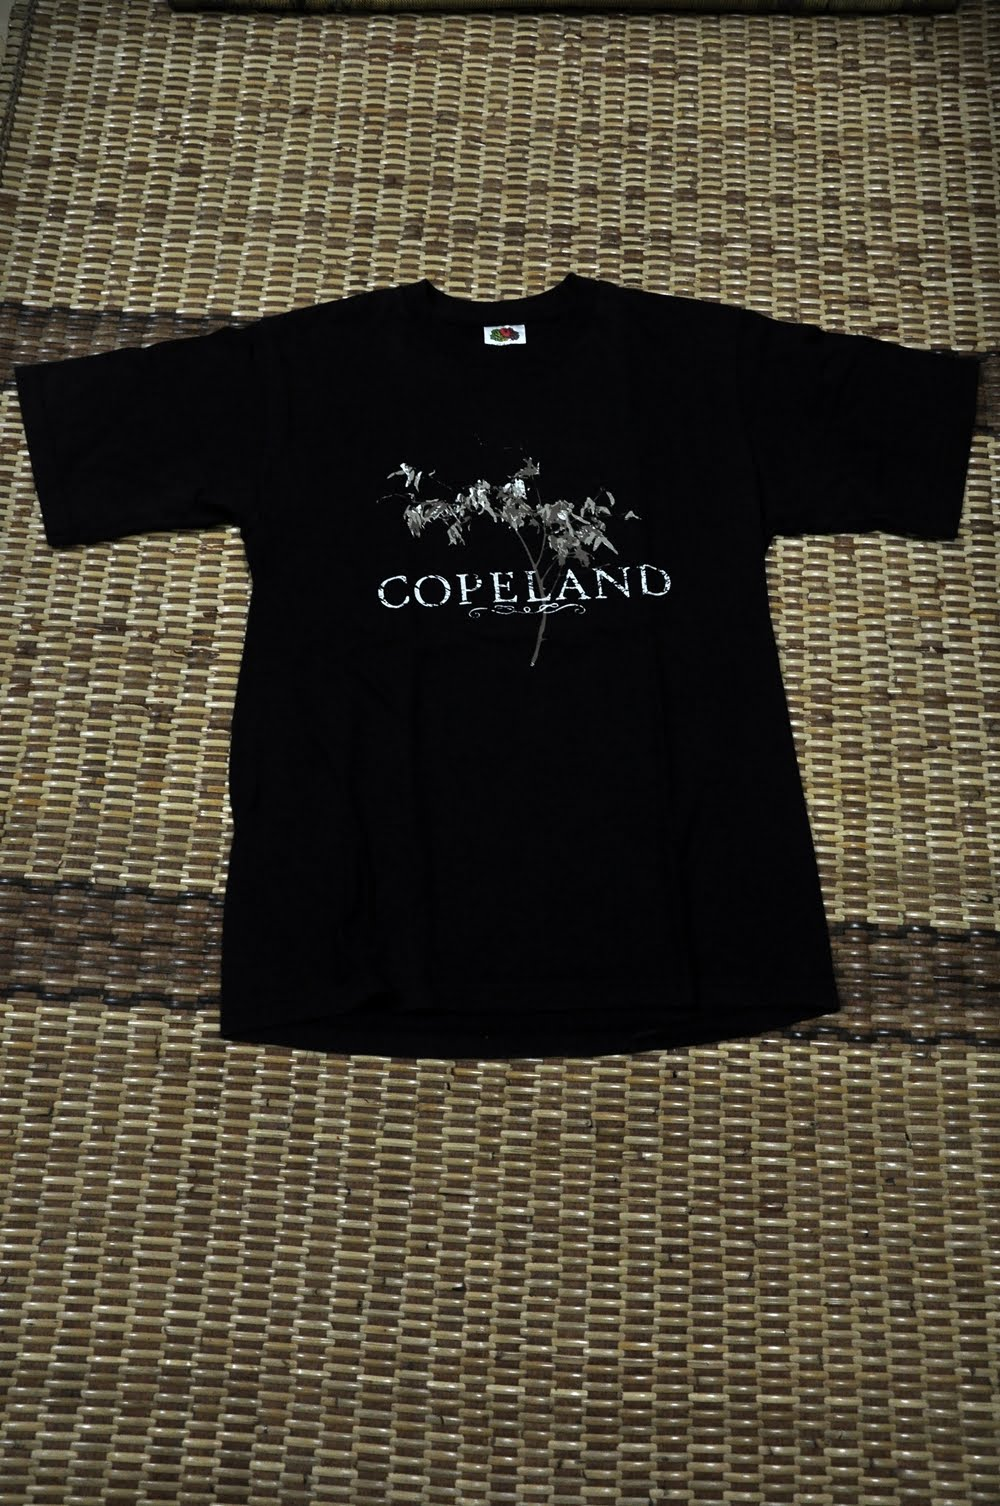 copeland band tshirt yFexK6XCM